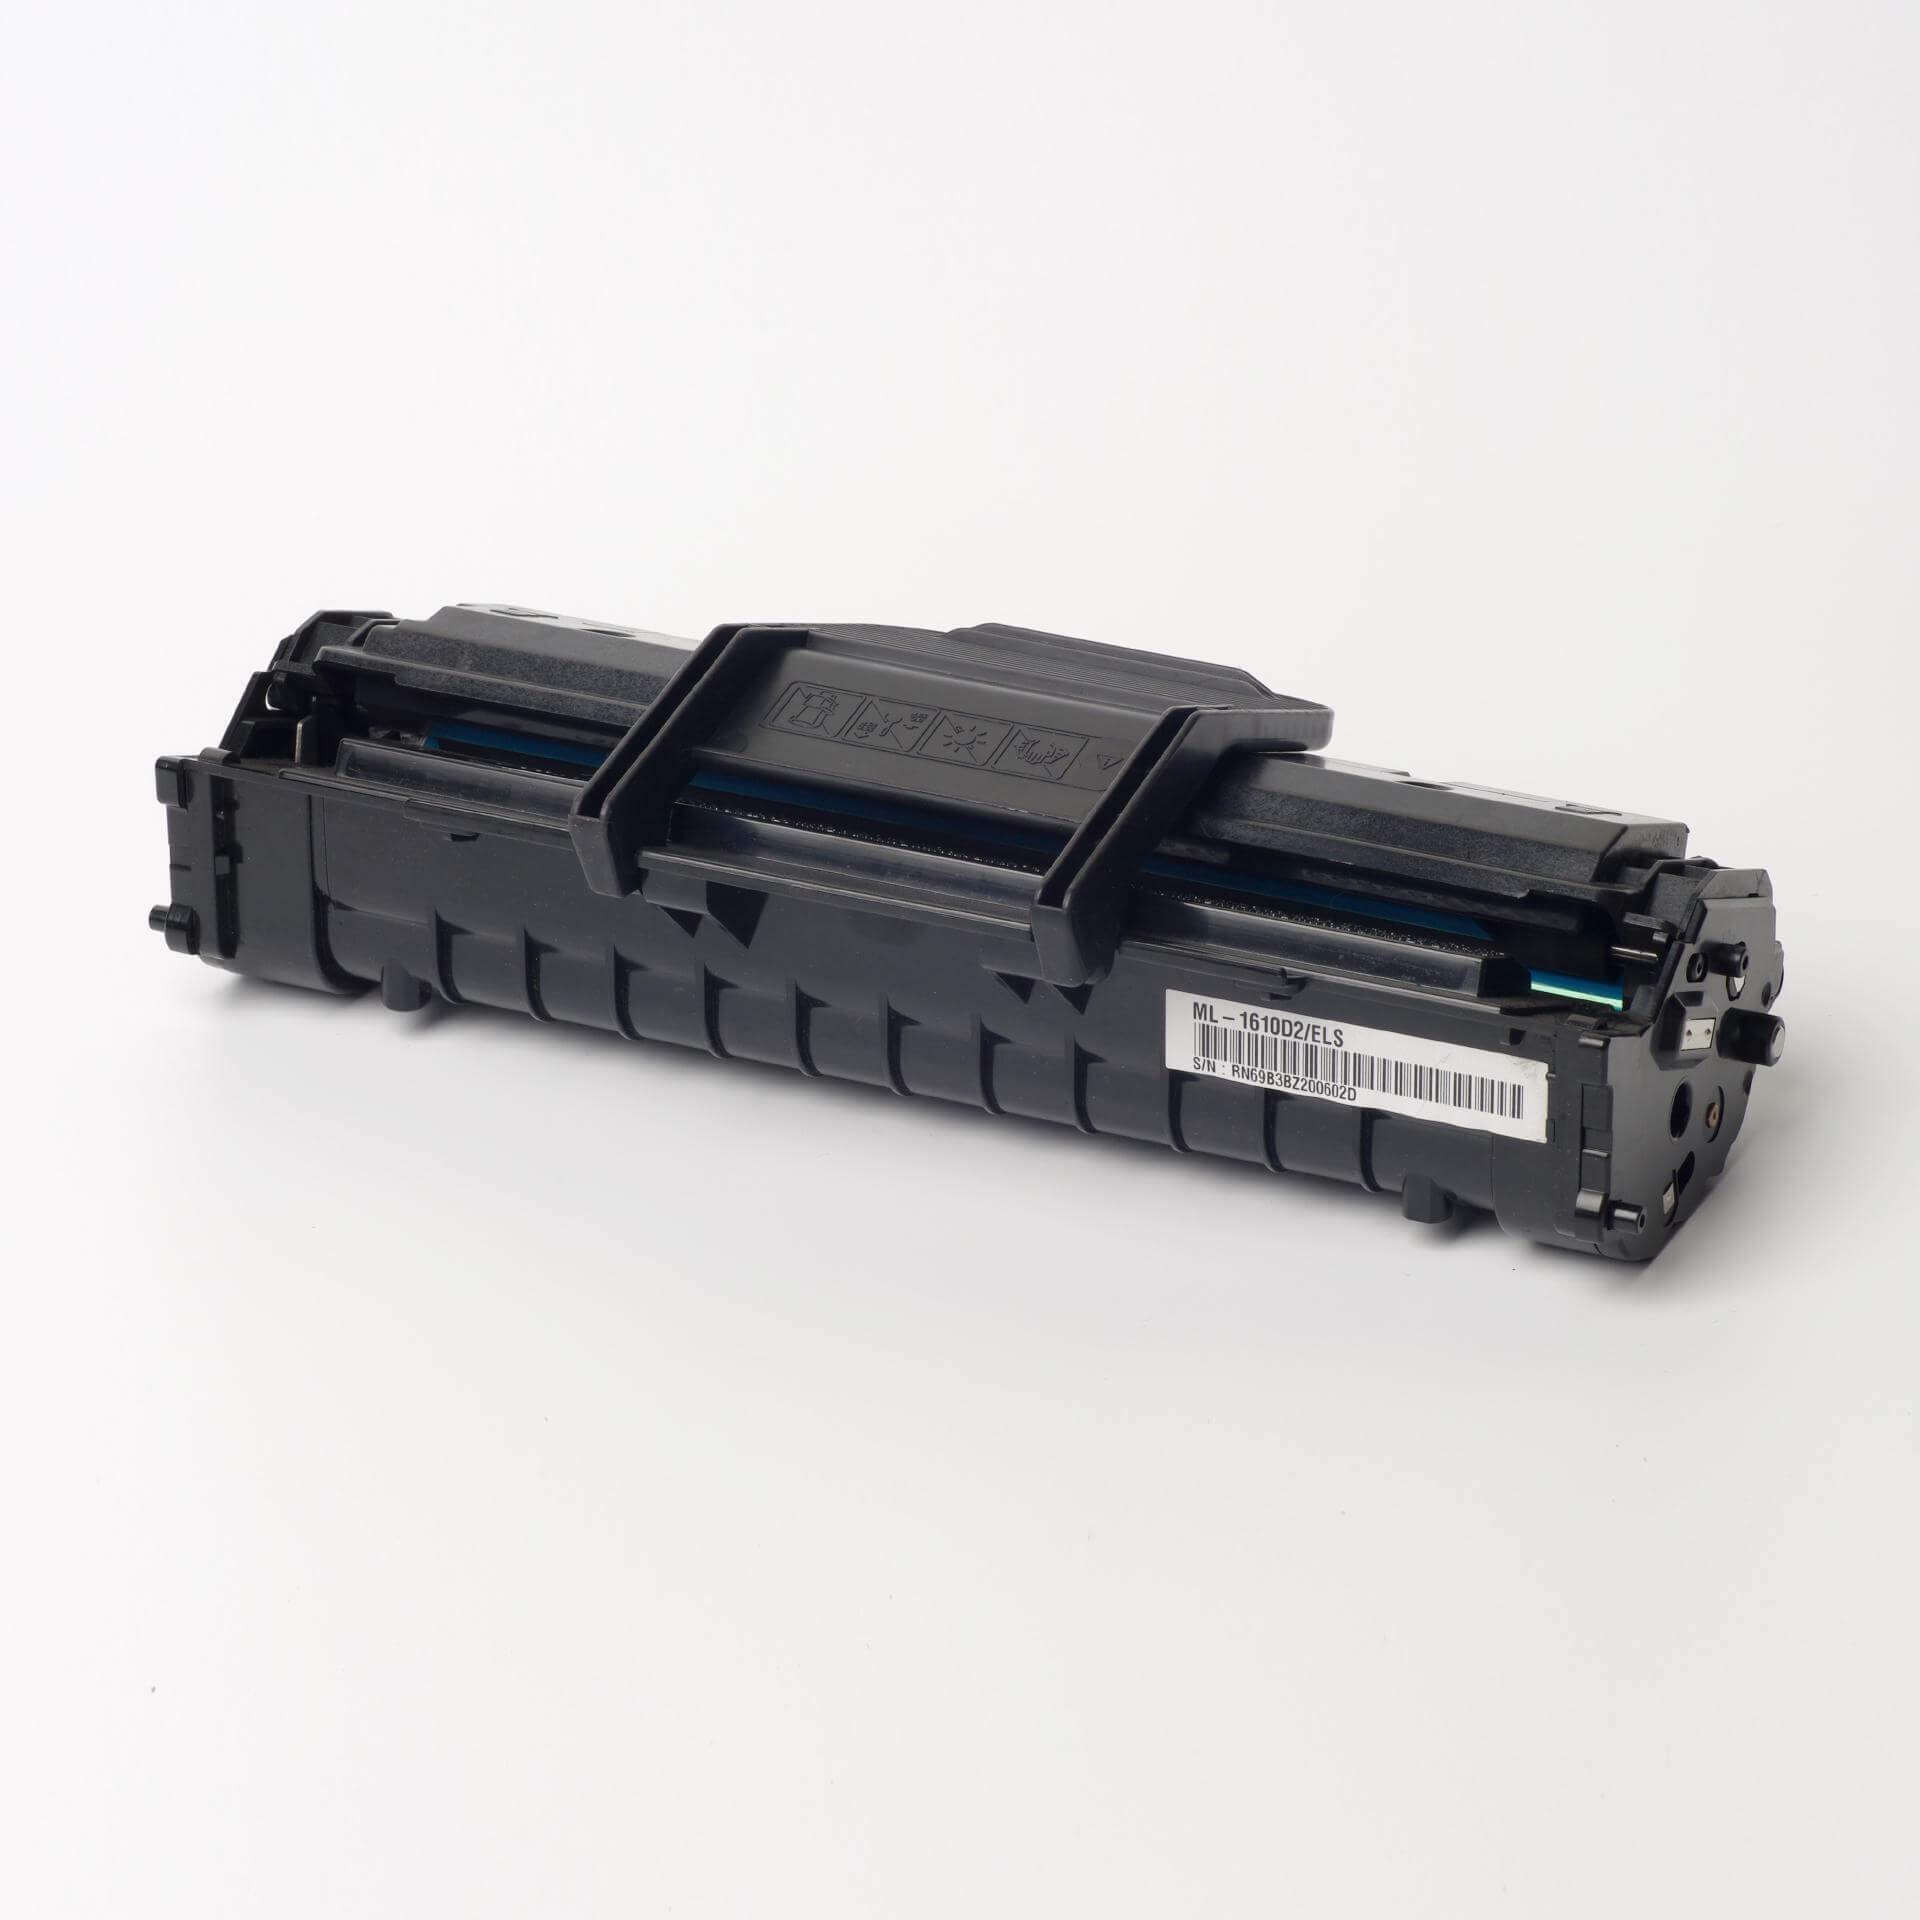 Auf dem Bild sehen Sie eine Samsung ML-1610D2/ELS Original Toner Schwarz